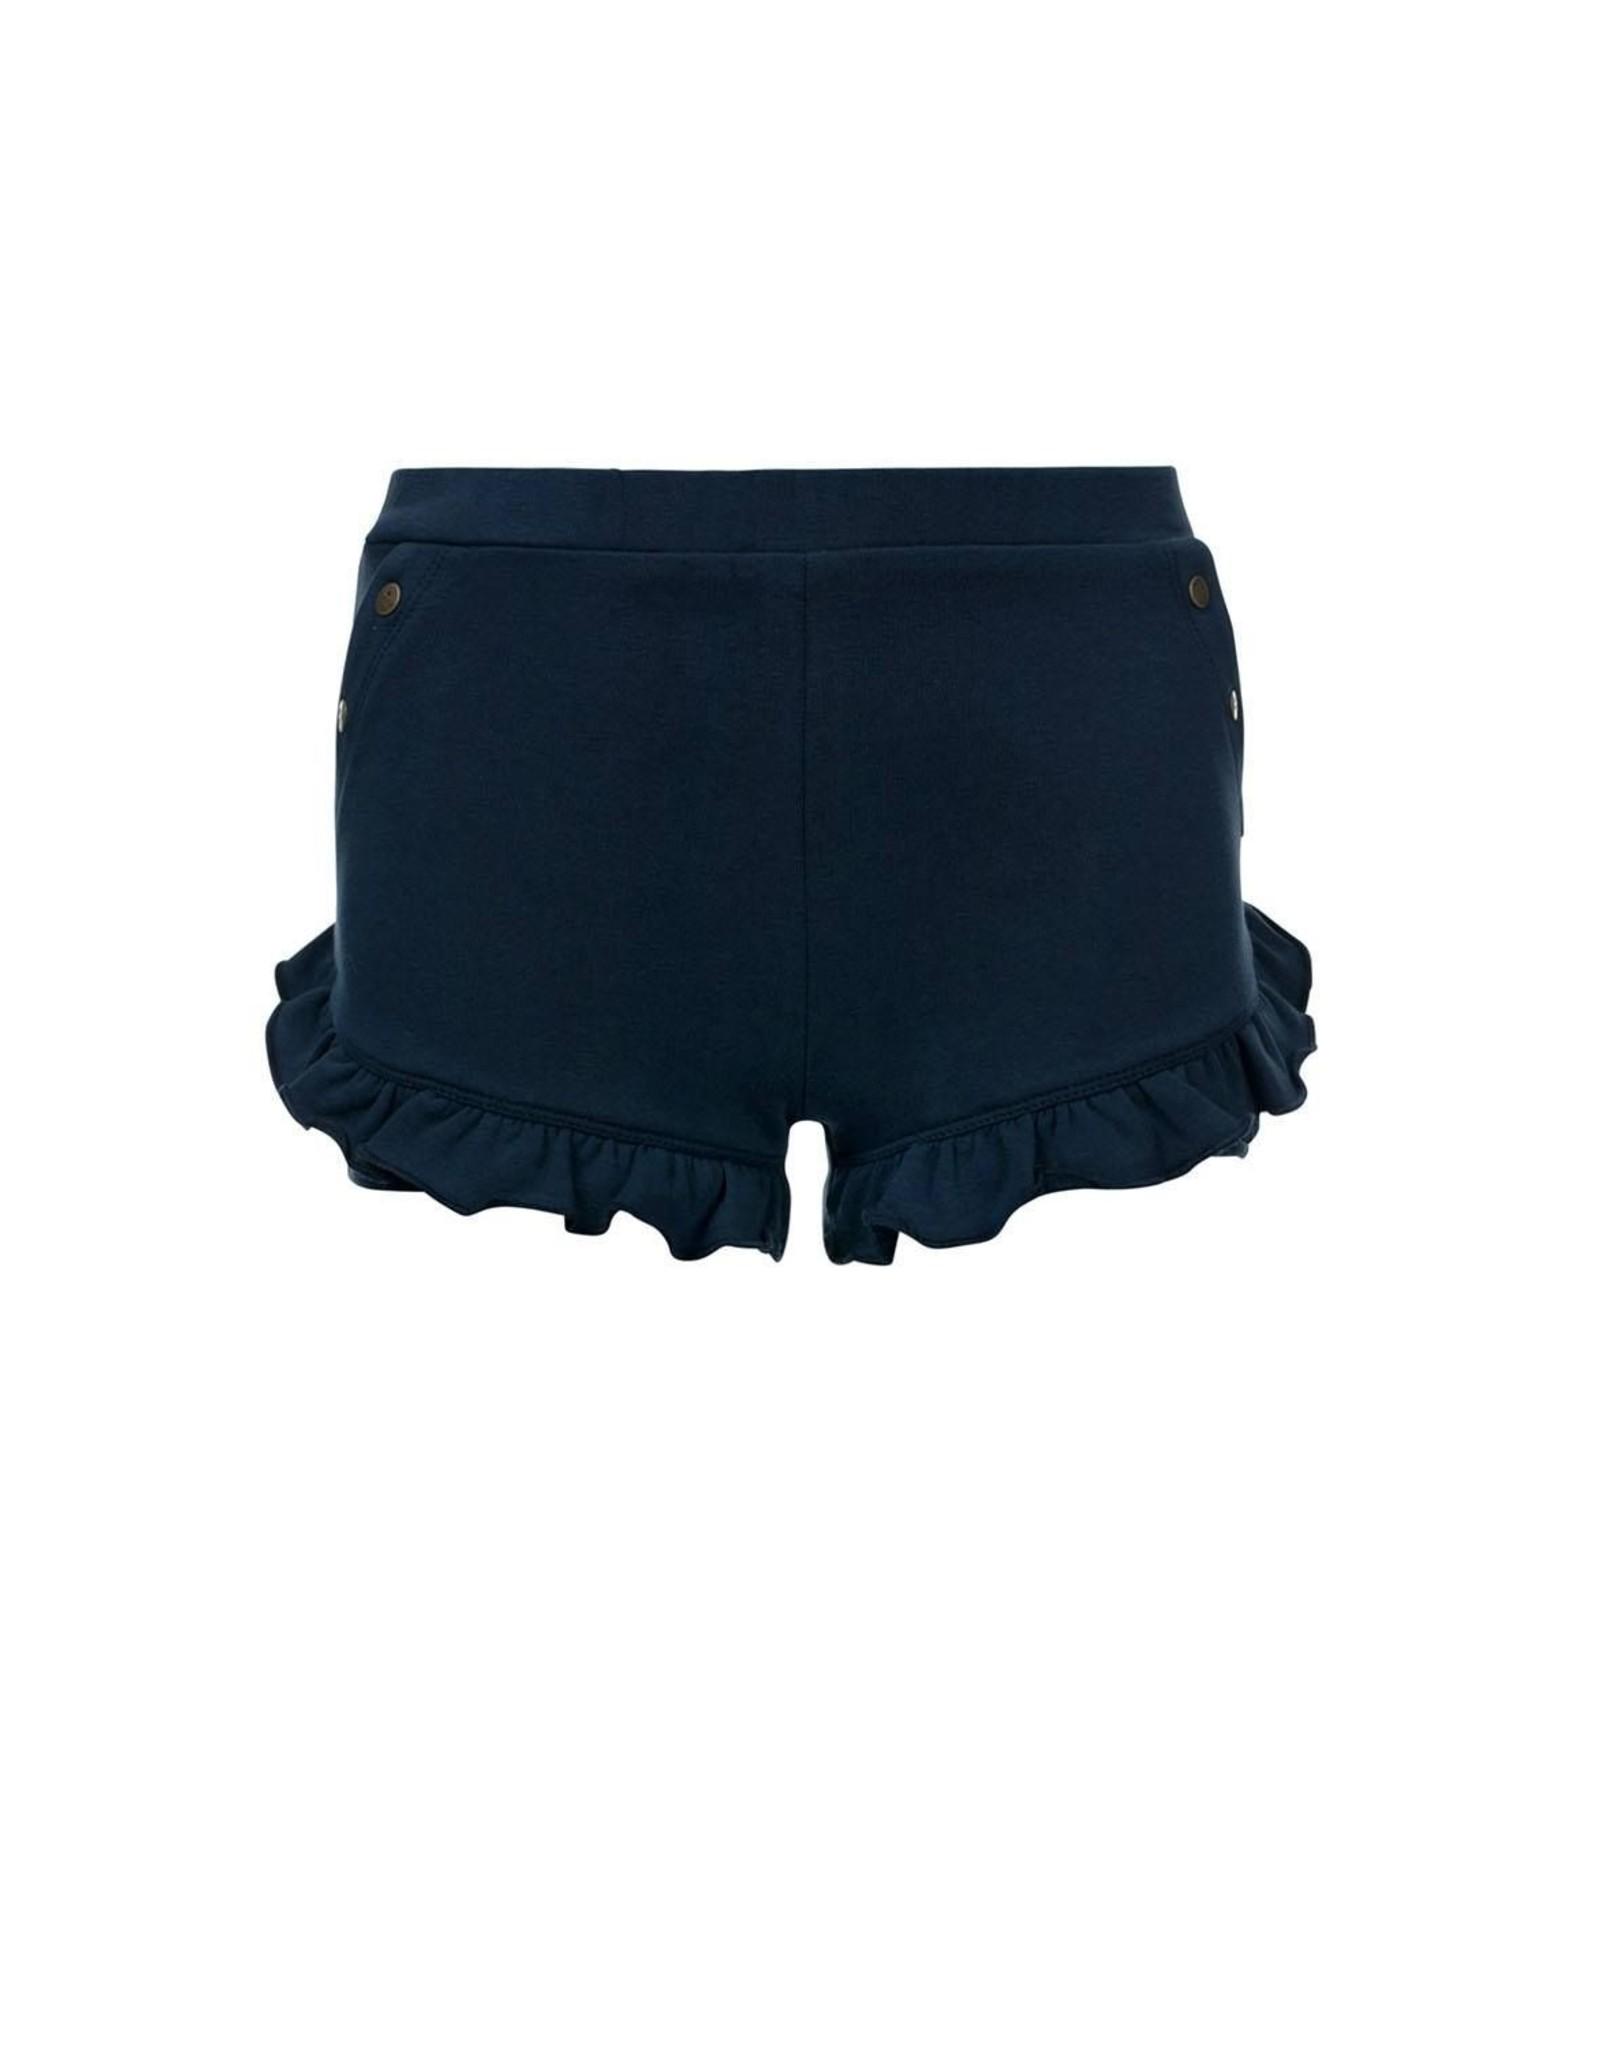 LOOXS Little Little shorts